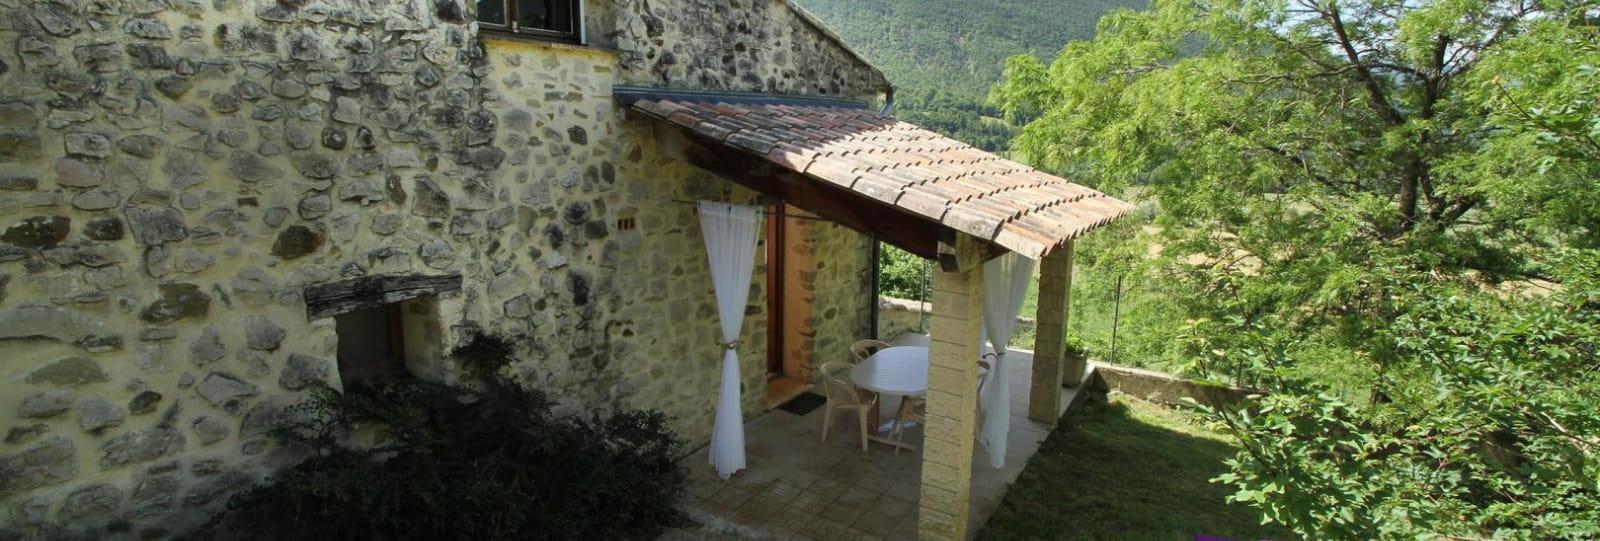 Balcon de Vesc